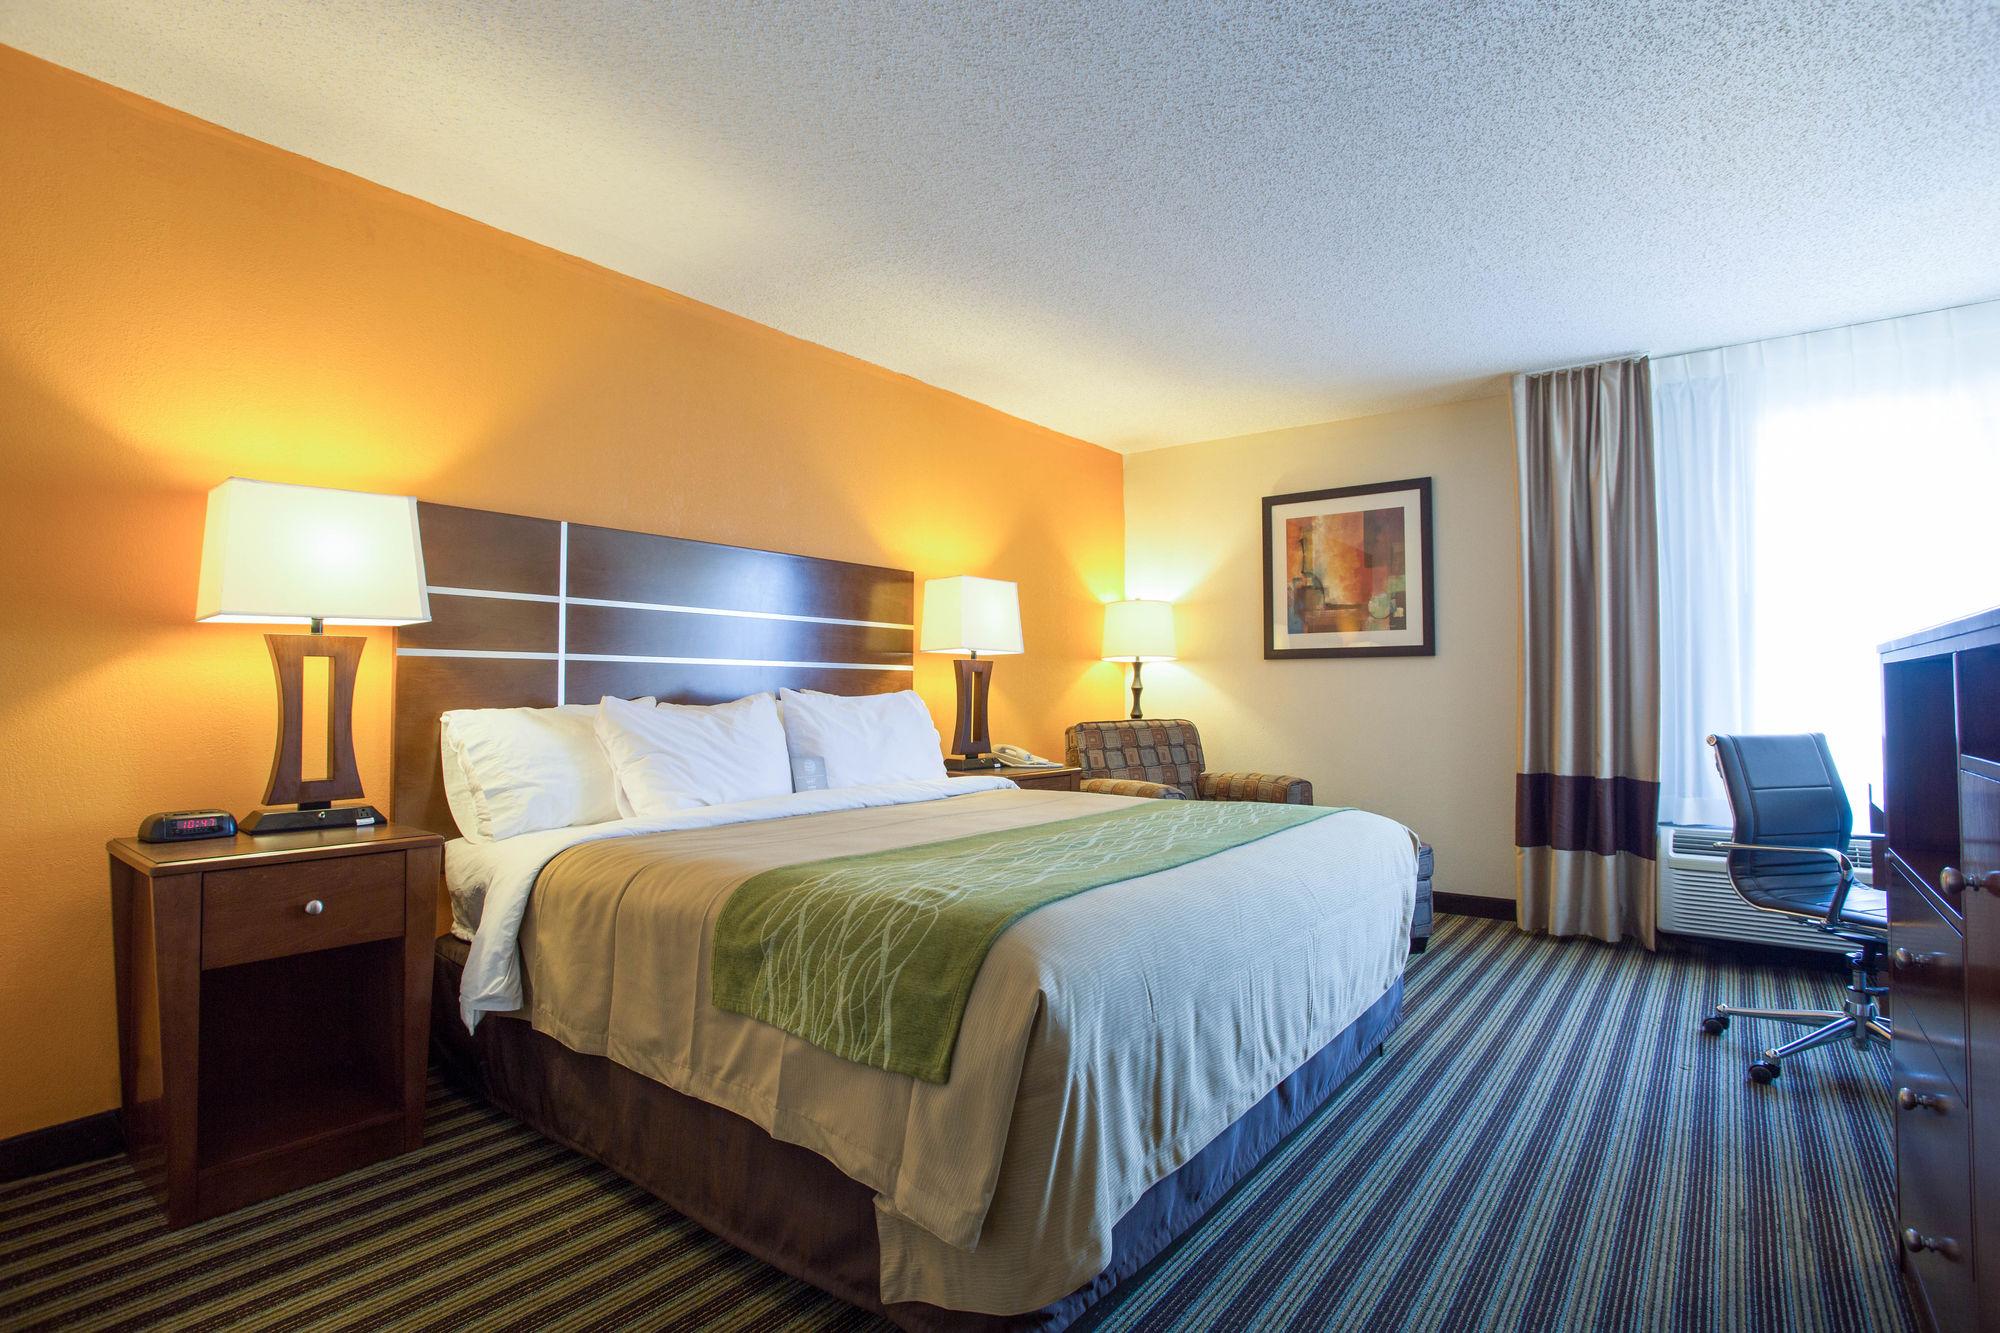 Comfort Inn Yulee in Yulee, FL